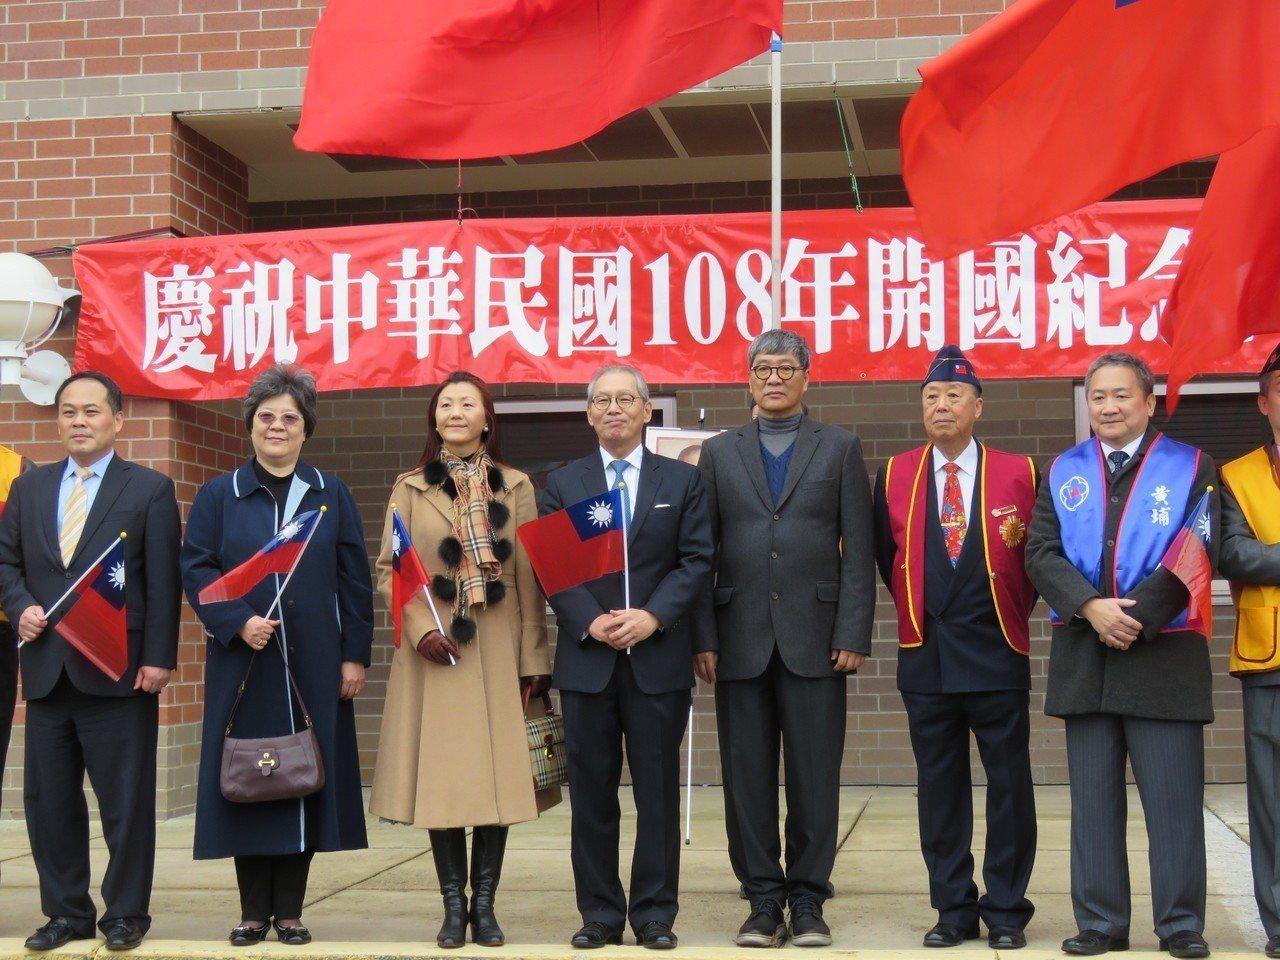 美國華府地區僑界1日於馬里蘭州舉行「慶祝中華民國108年開國紀念升旗典禮」。